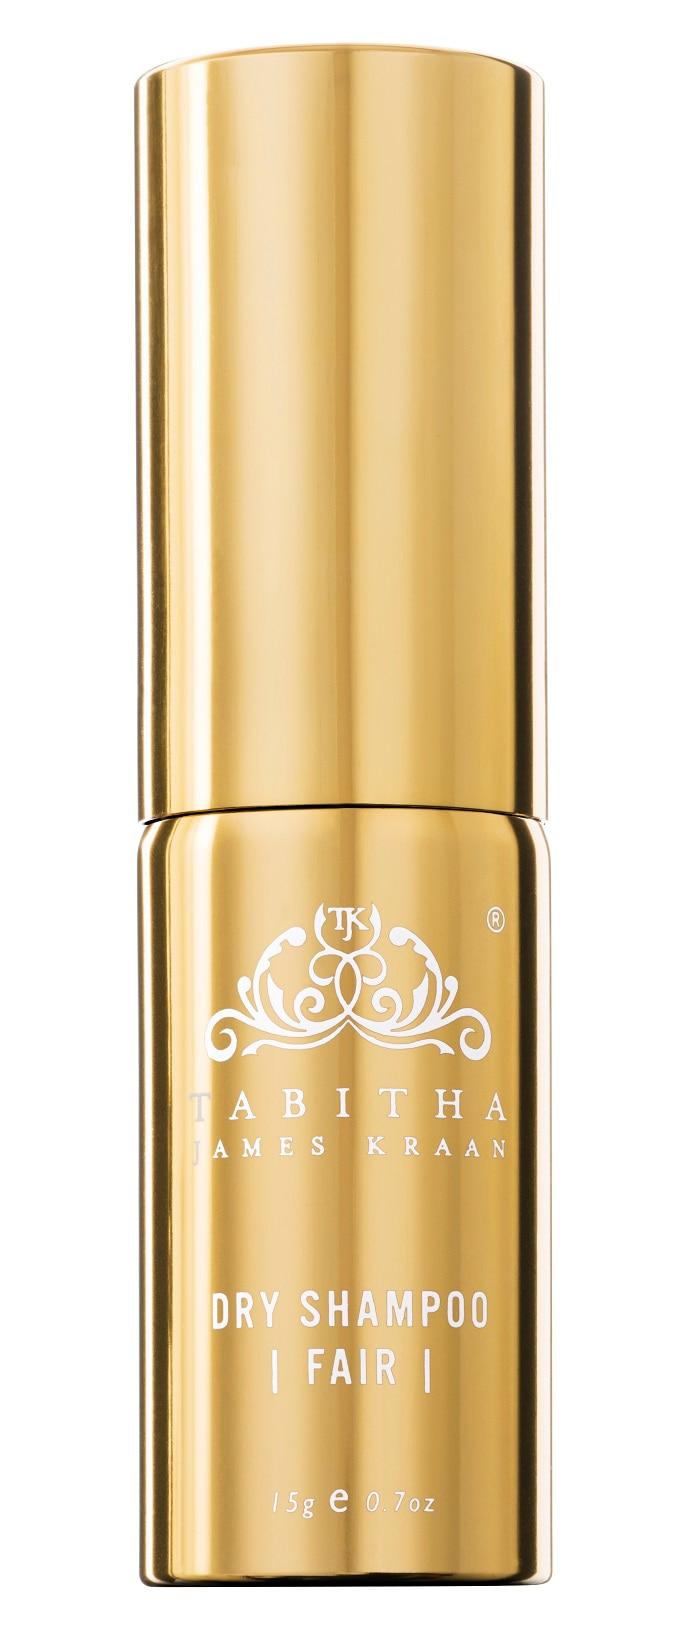 Tabitha James Kraan Compact Organic Dry Shampoo Fair Hair 15g